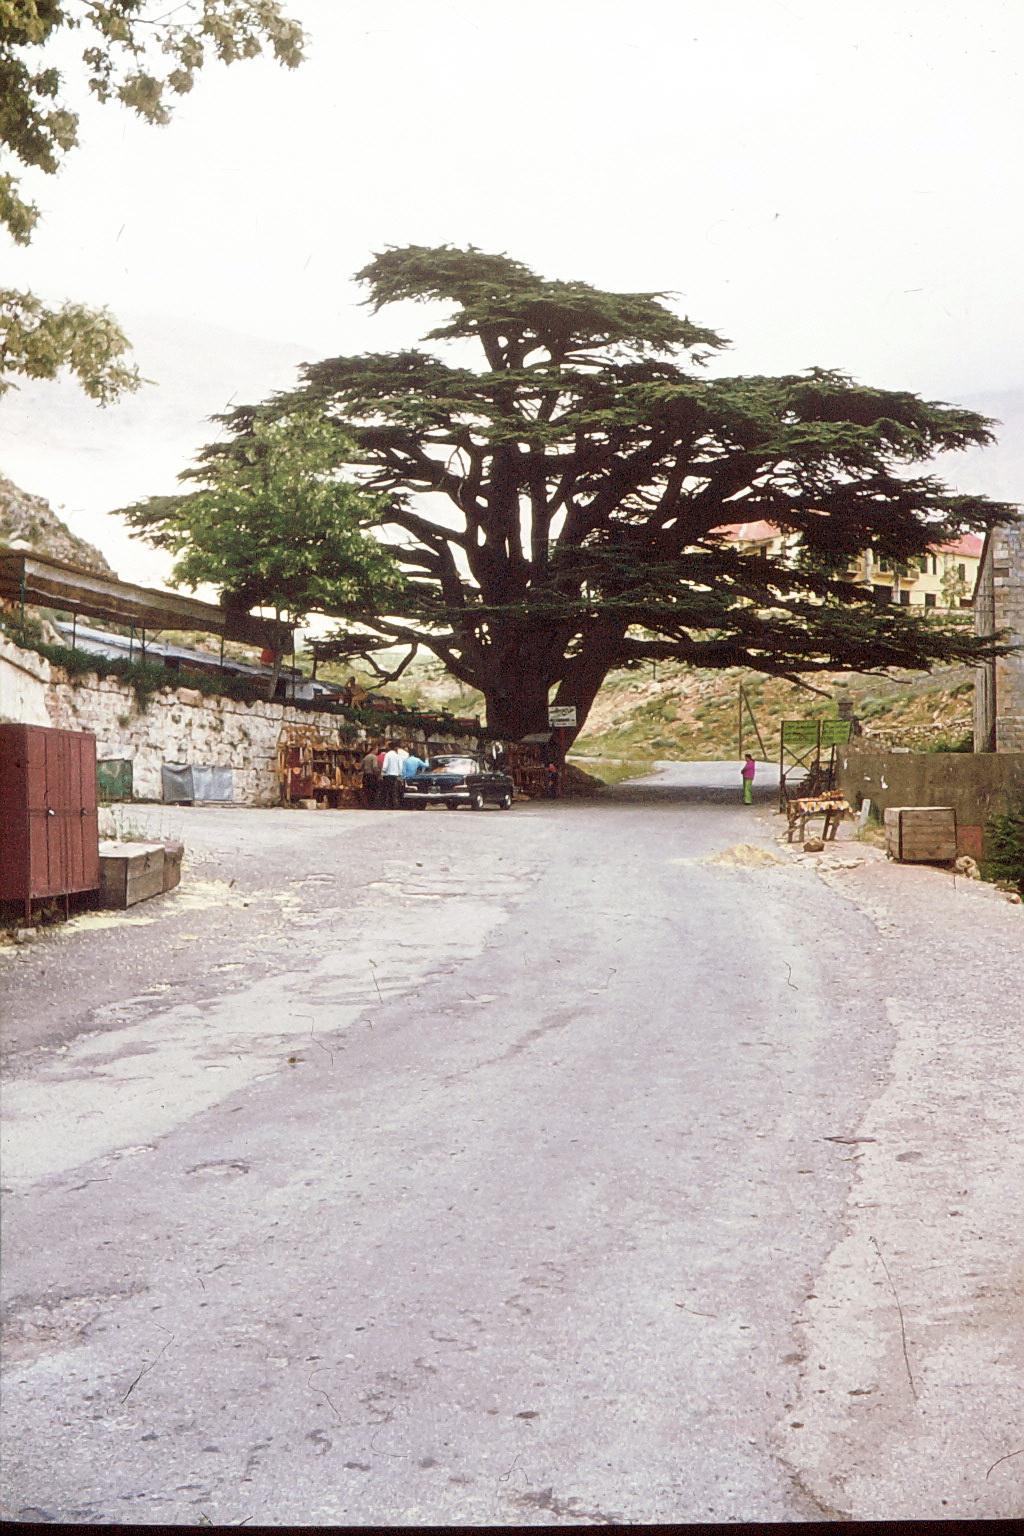 Die Zedern im Libanon